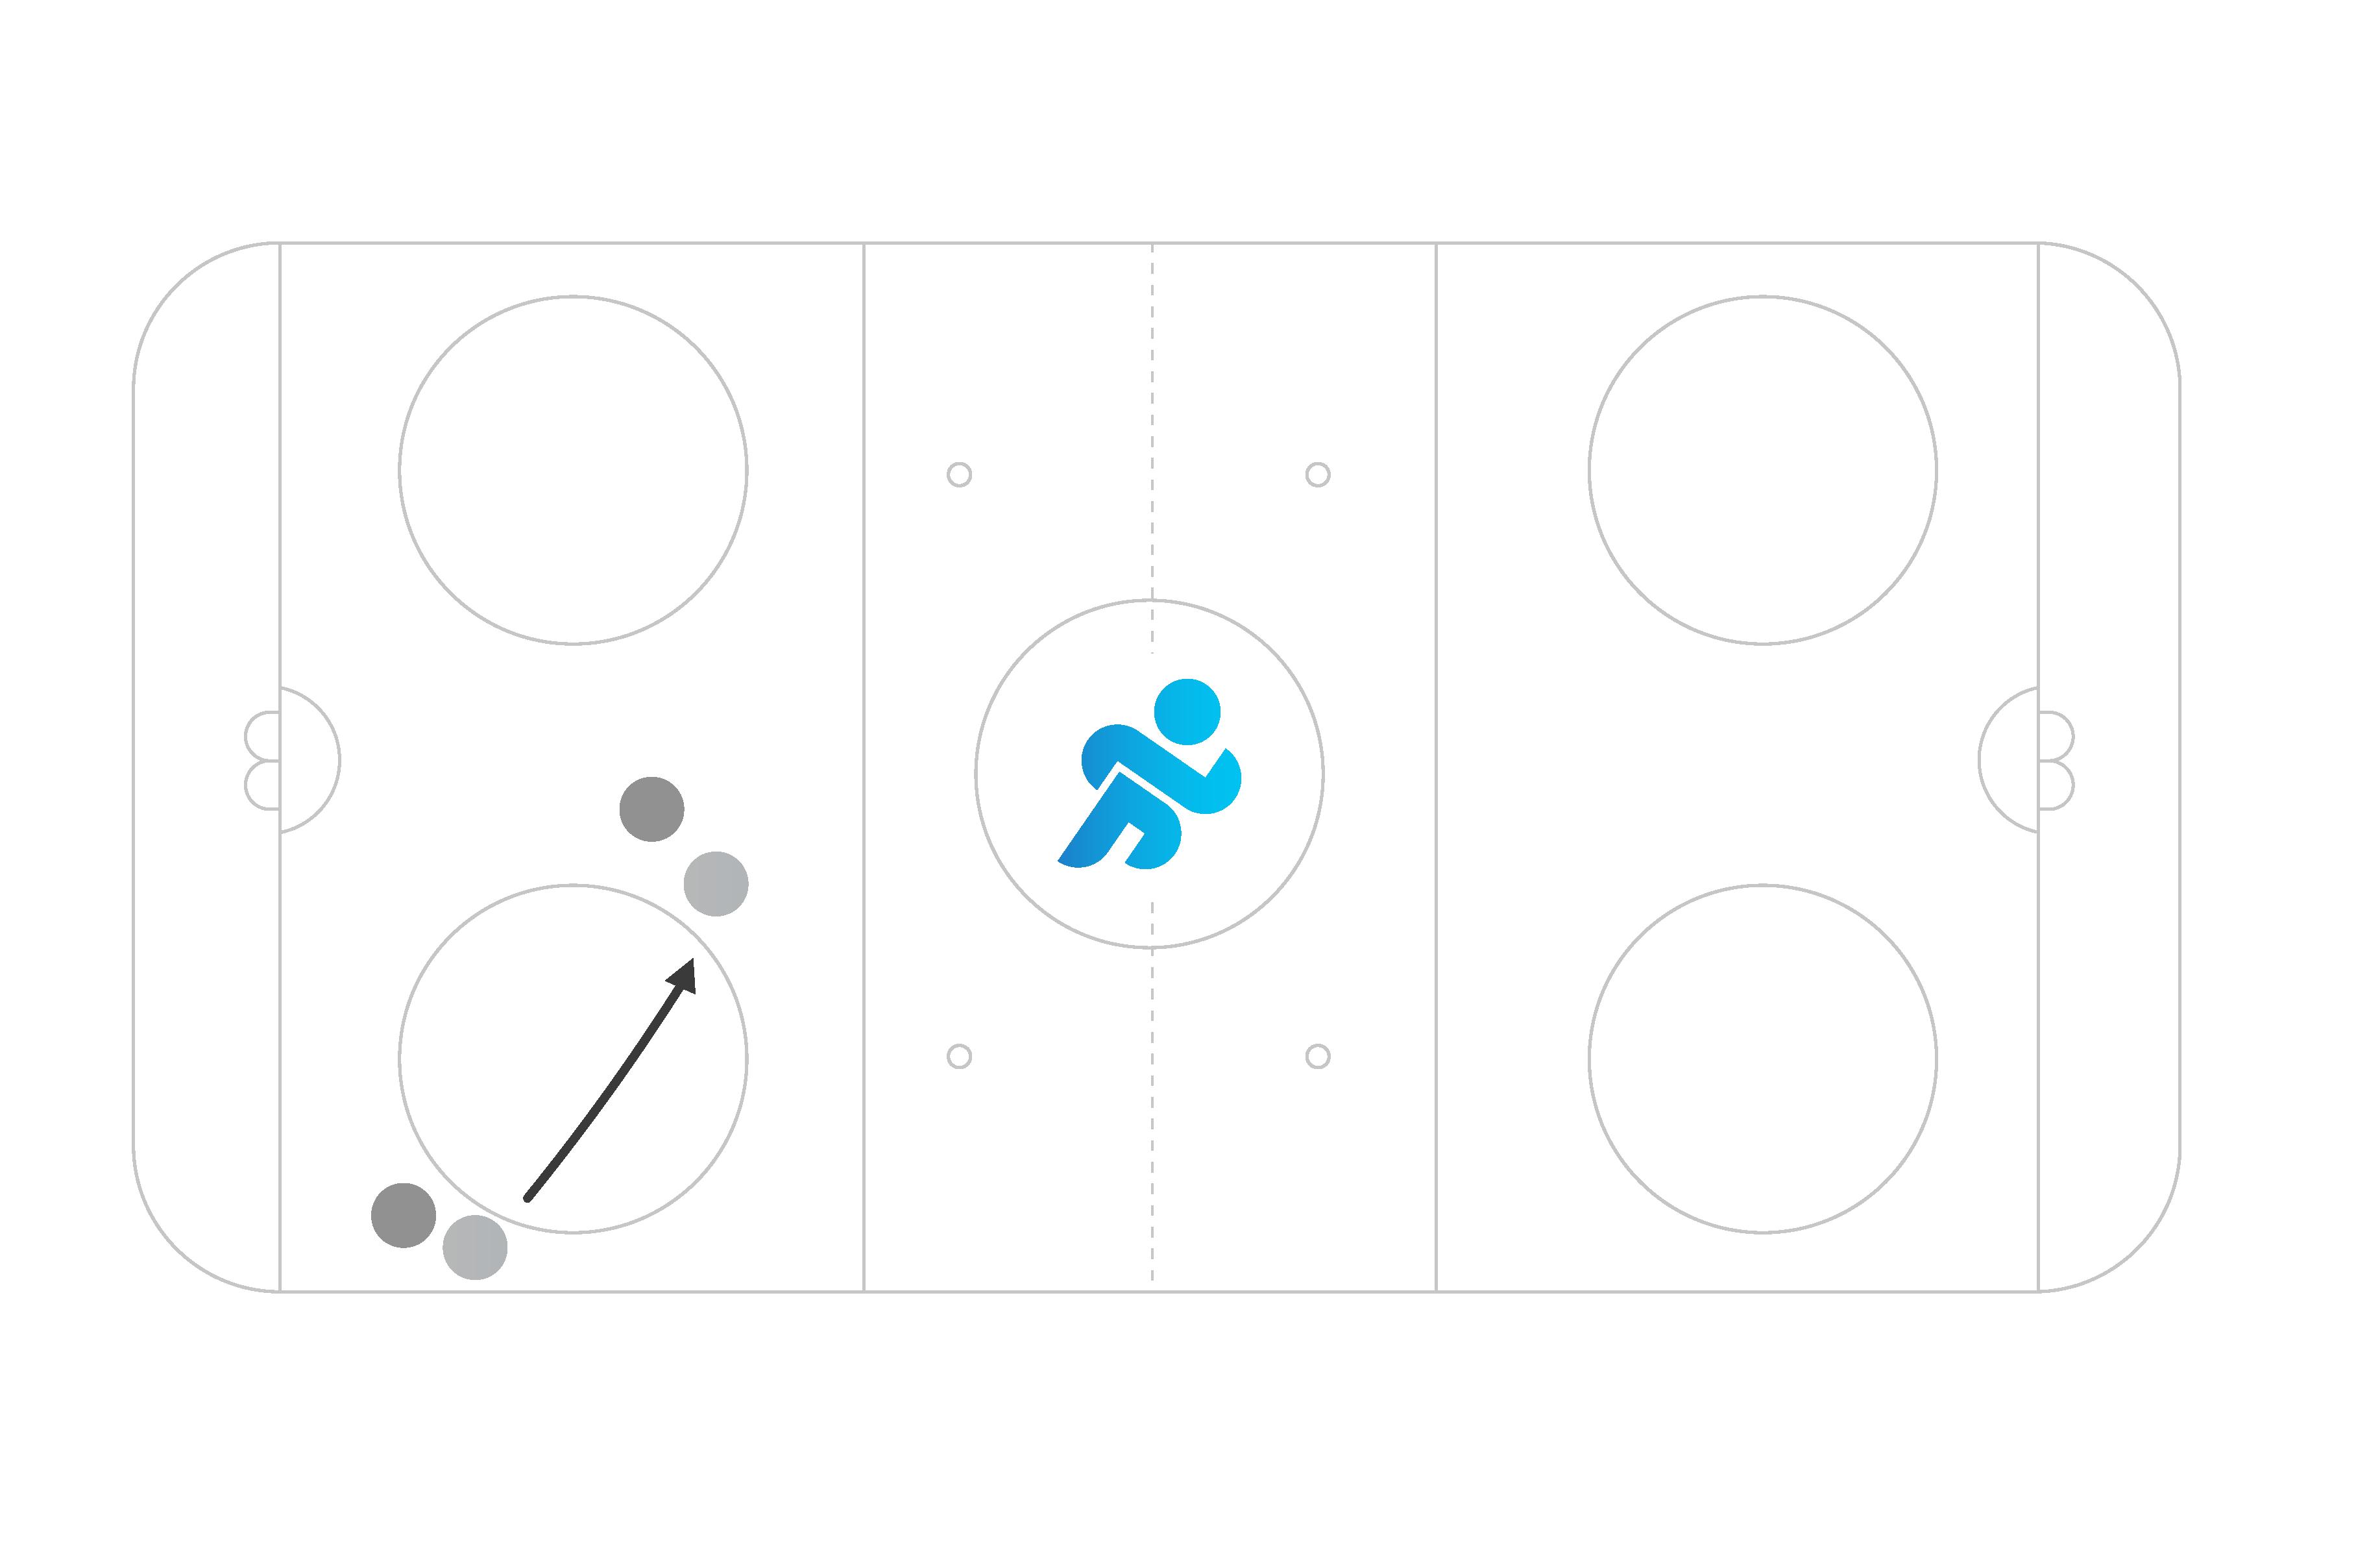 exemple d'exercice en espace restreint pour une pratique de hockey